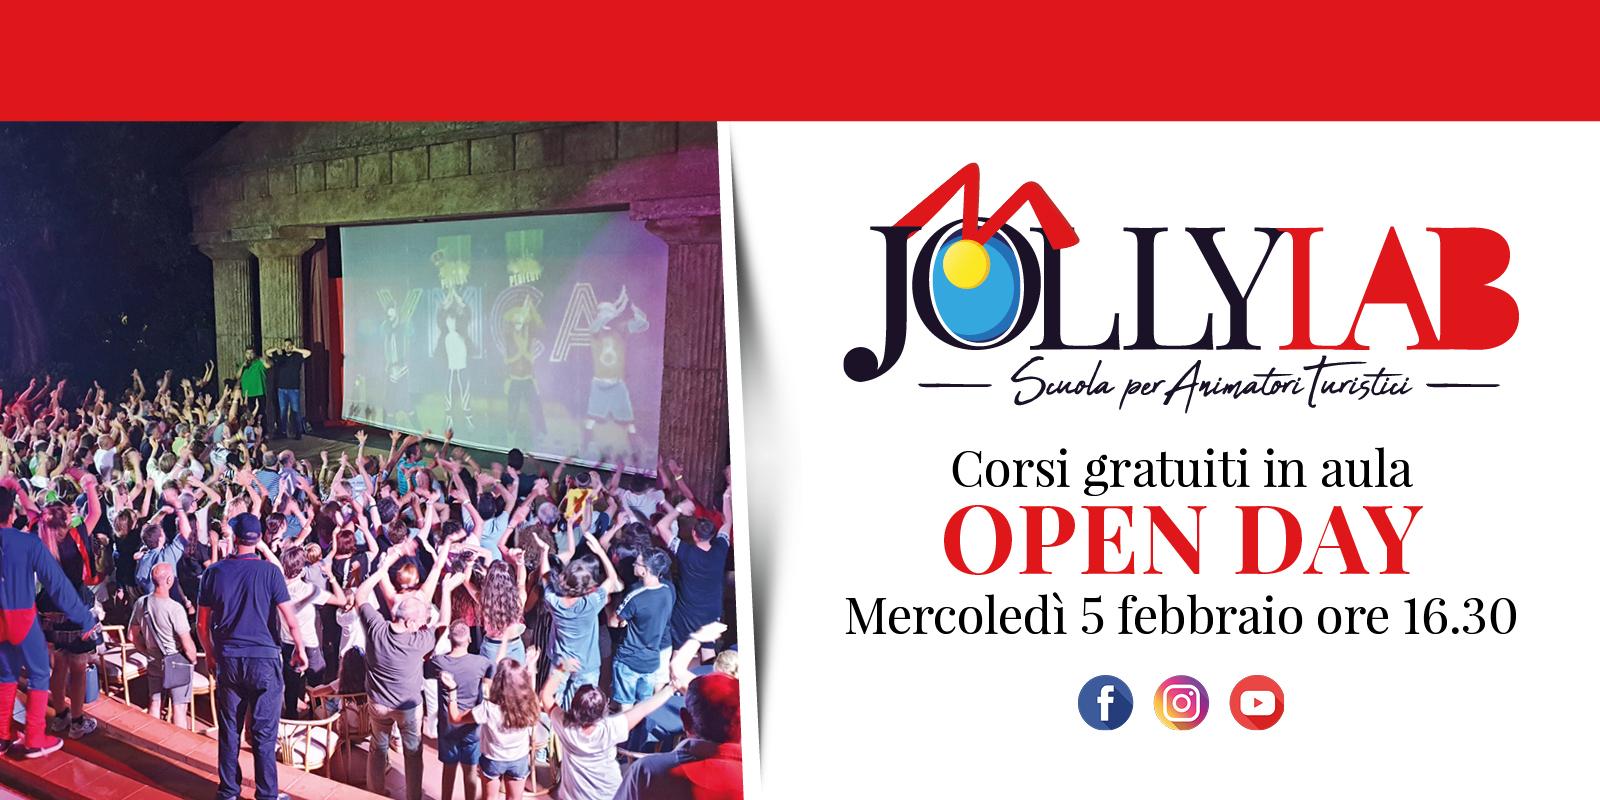 Nasce Jolly Lab, la scuola per animatori turistici